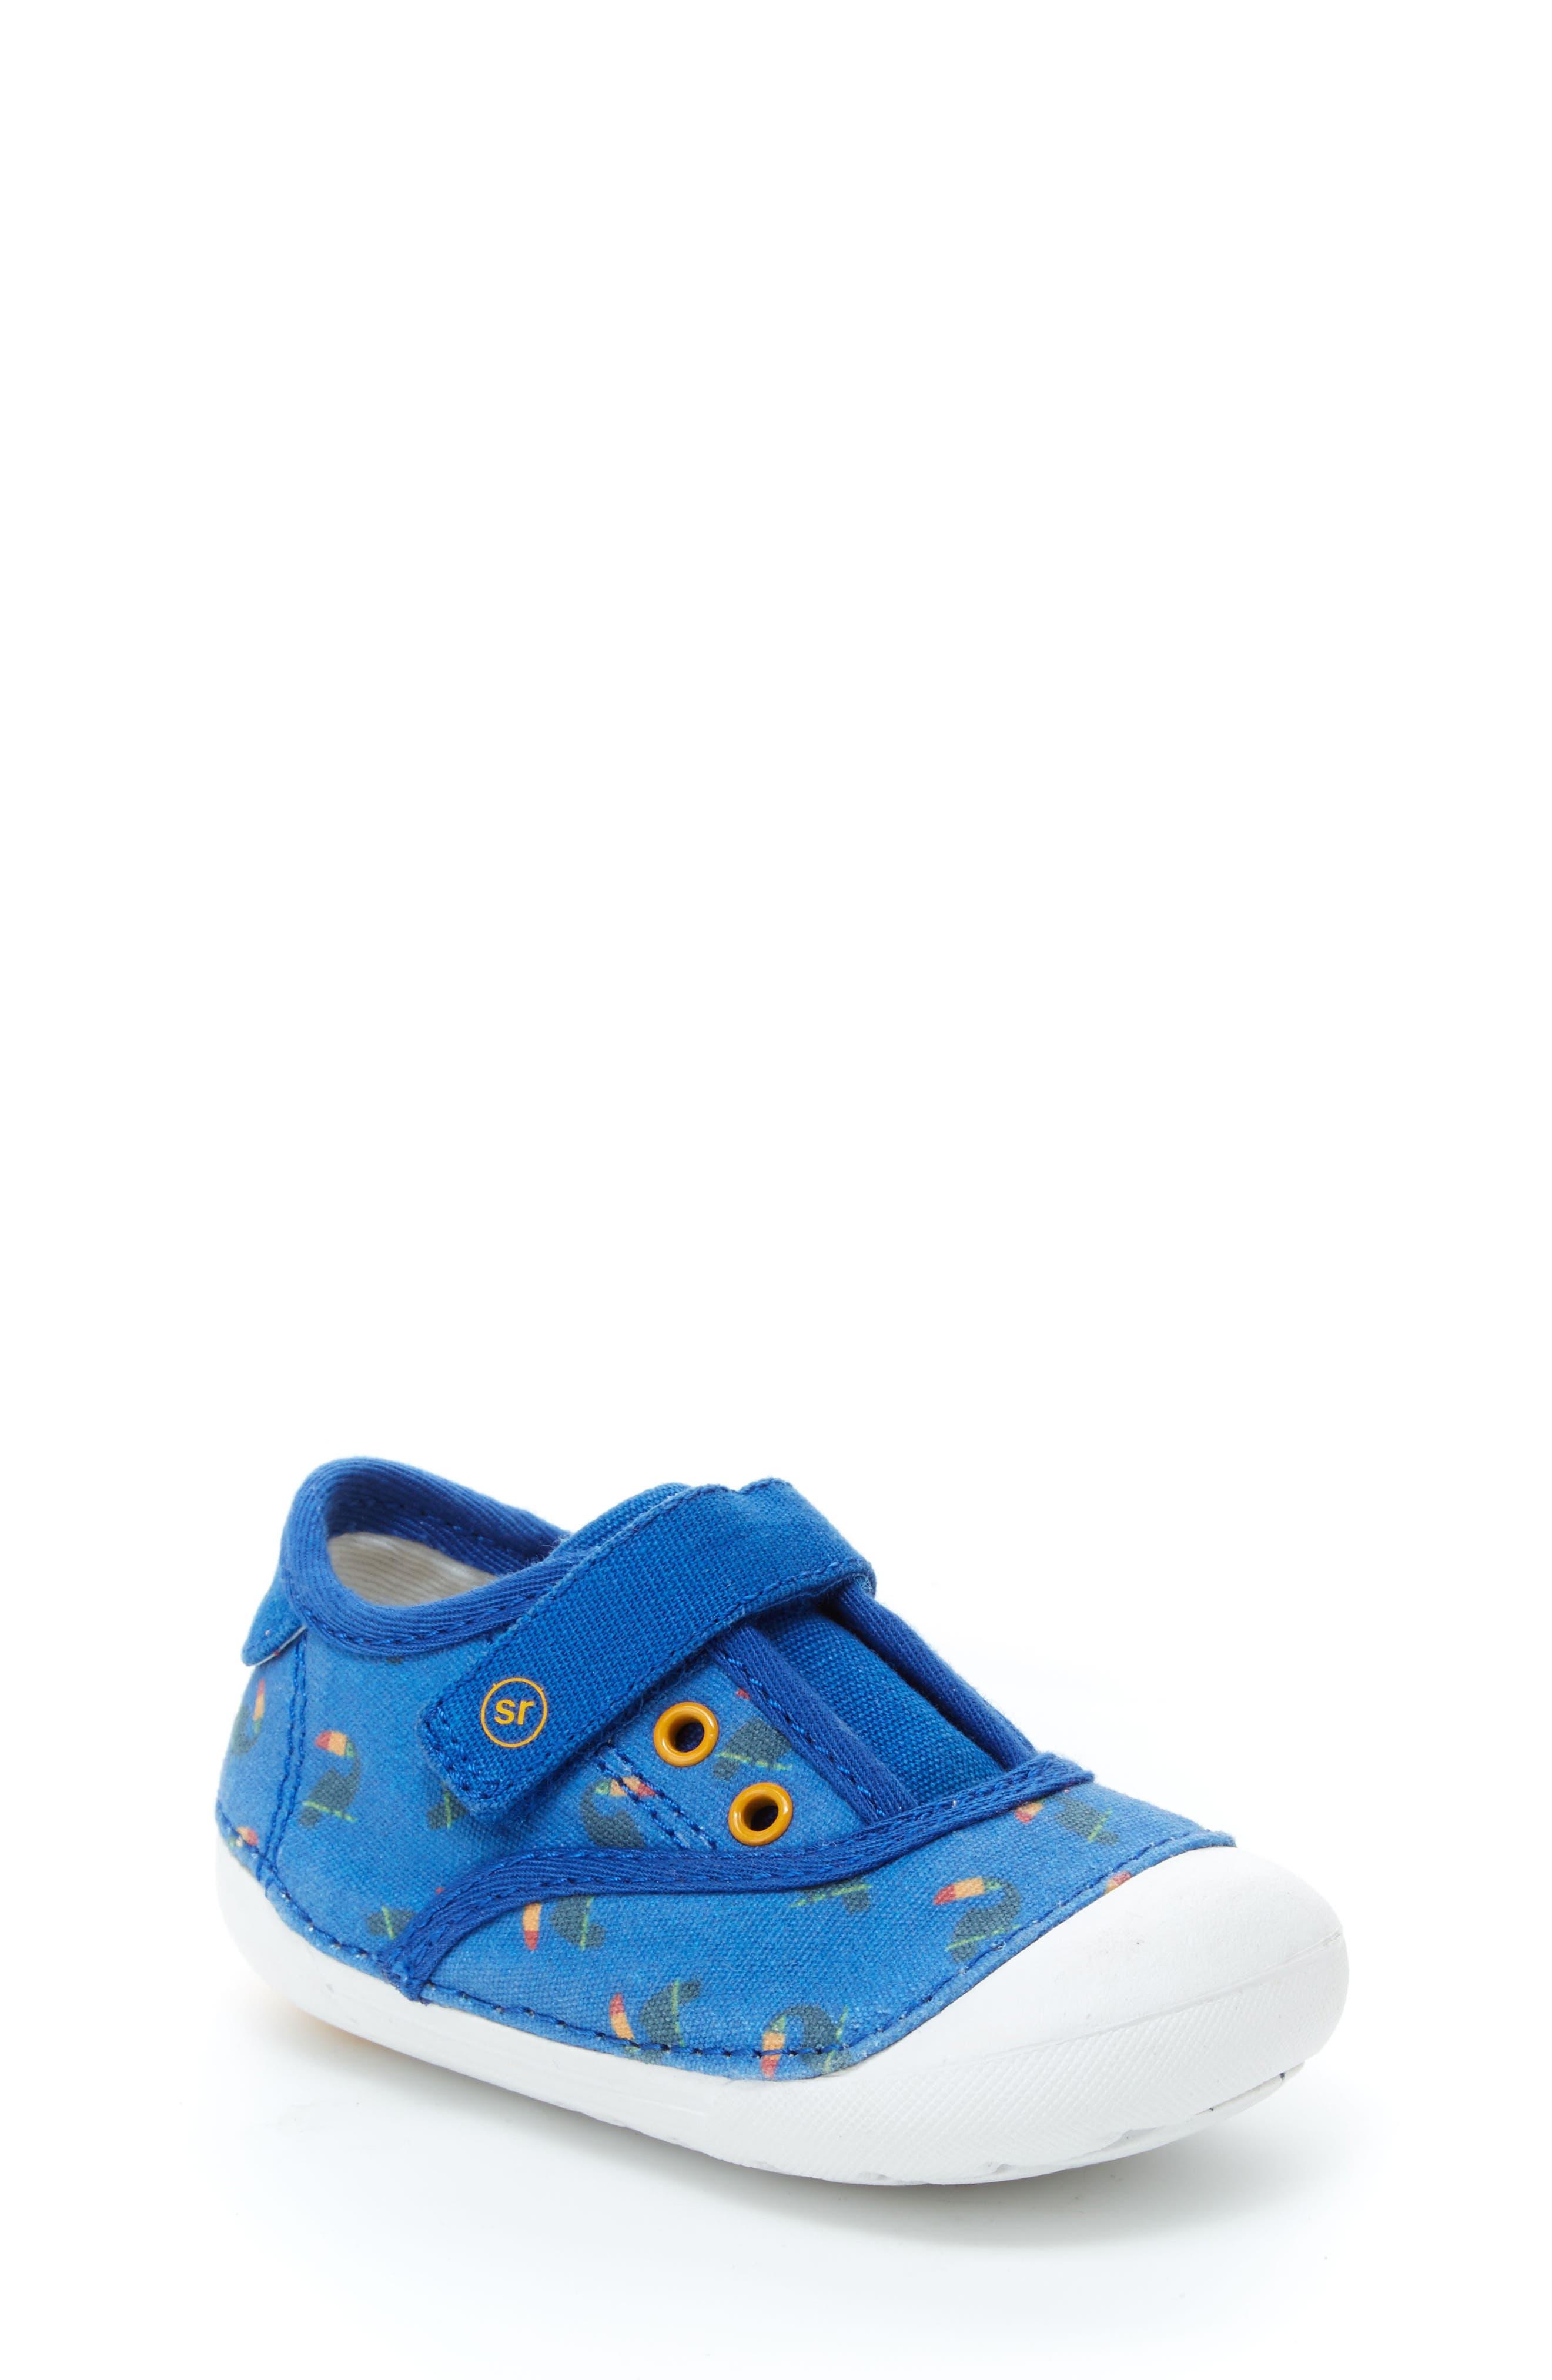 Stride Rite Soft Motion Avery Sneaker (Baby & Walker)